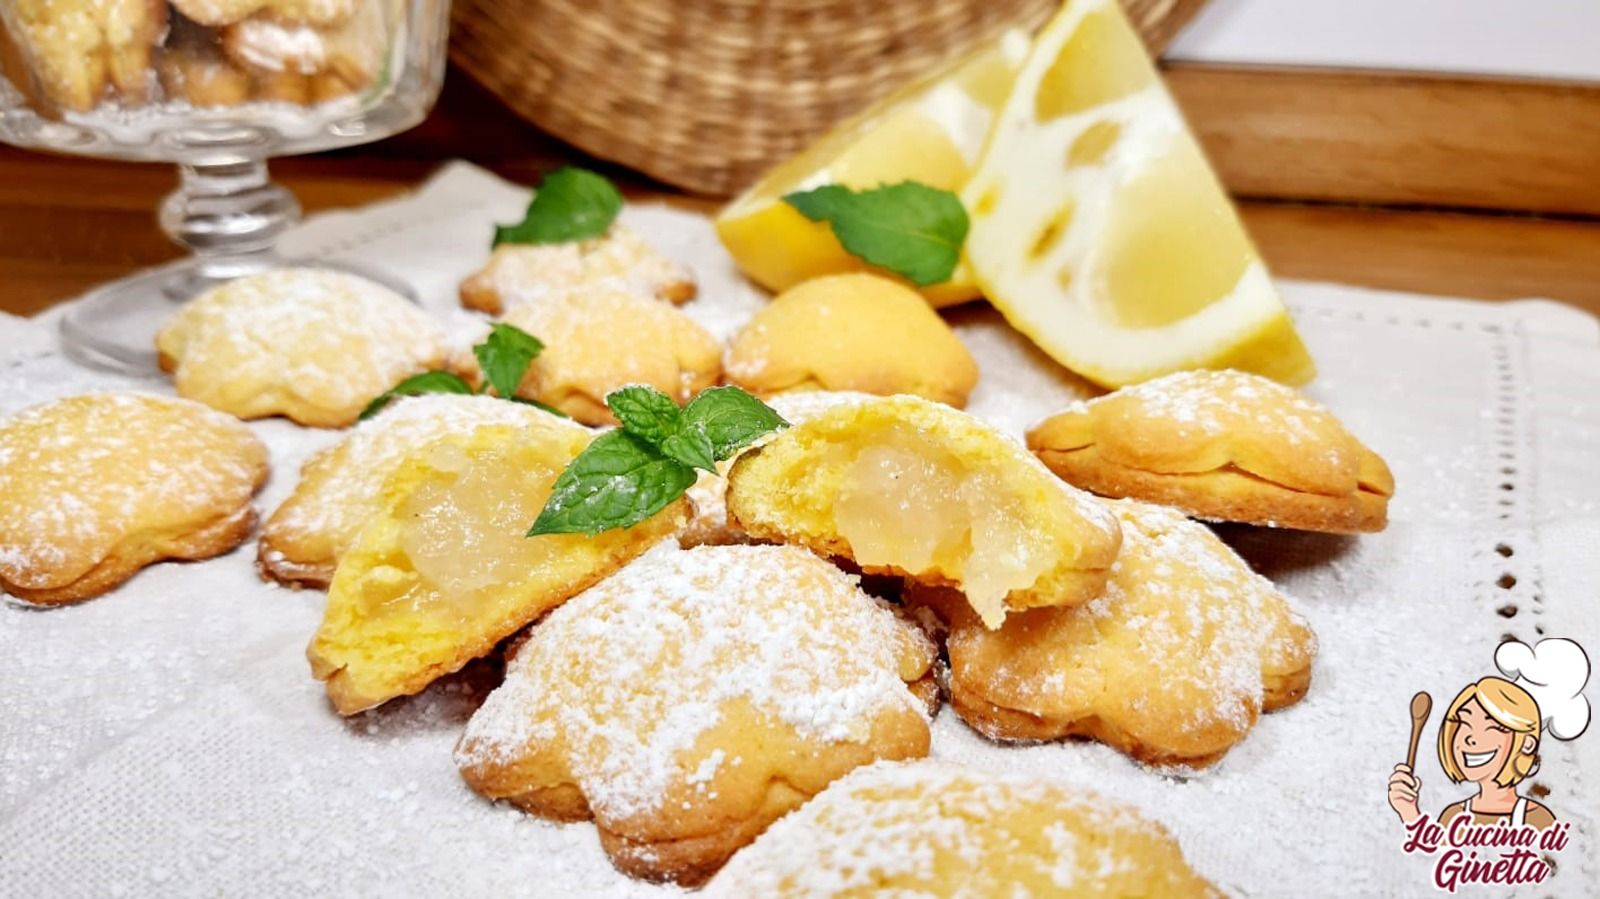 frollini fior di limone